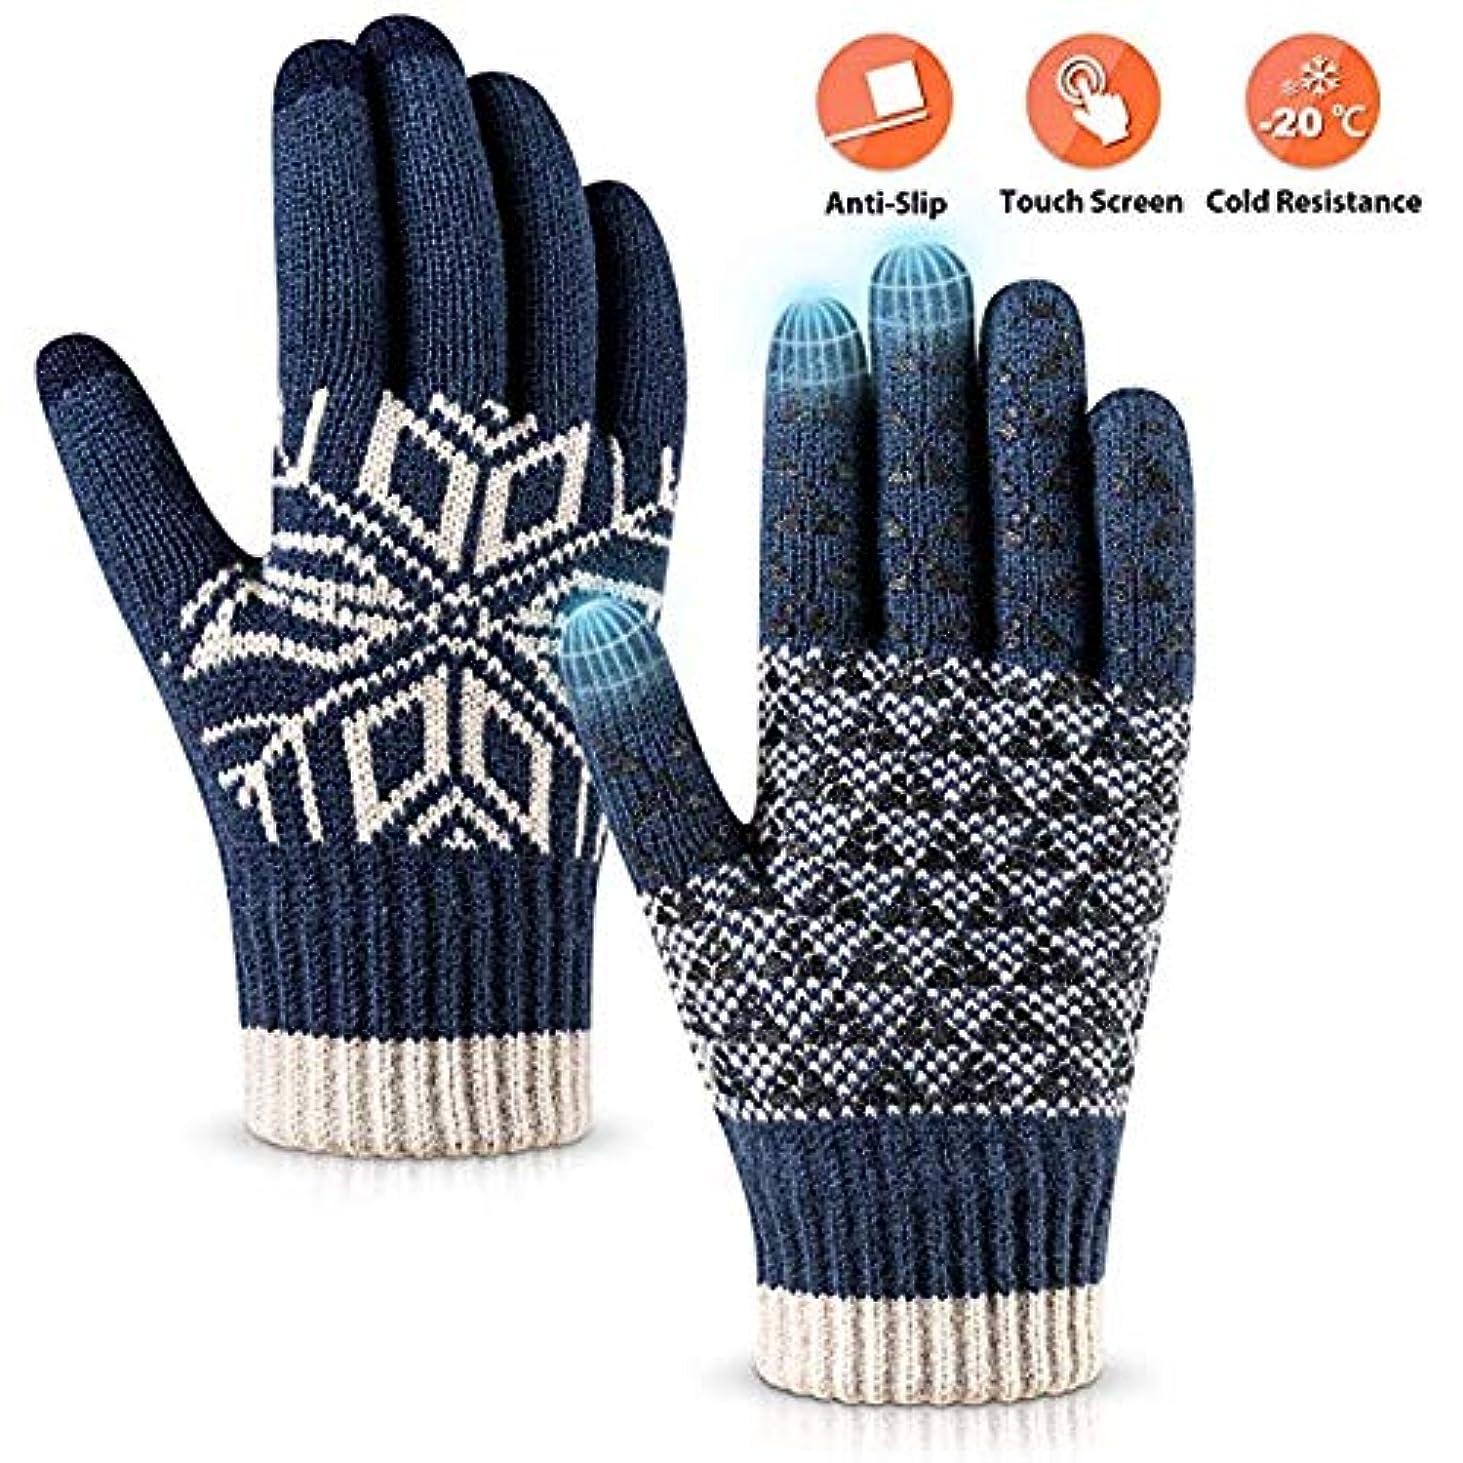 トランスミッション思慮のない安定冬の手袋暖かいタッチスクリーンニット手袋、サーマルソフトウールライニング弾性カフ、滑り止めラバーデザイン - メンズ女性のための肥厚暖かい手袋,ブルー